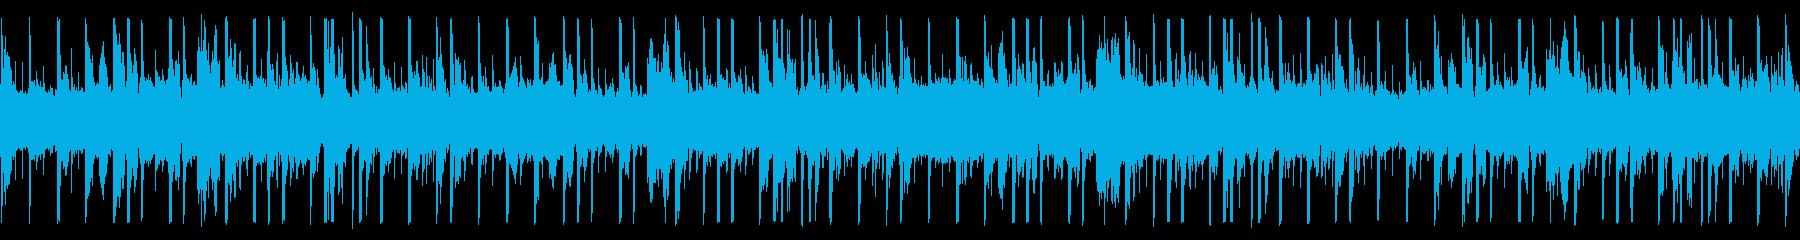 ピアノメインのHip-Hop/Loopの再生済みの波形